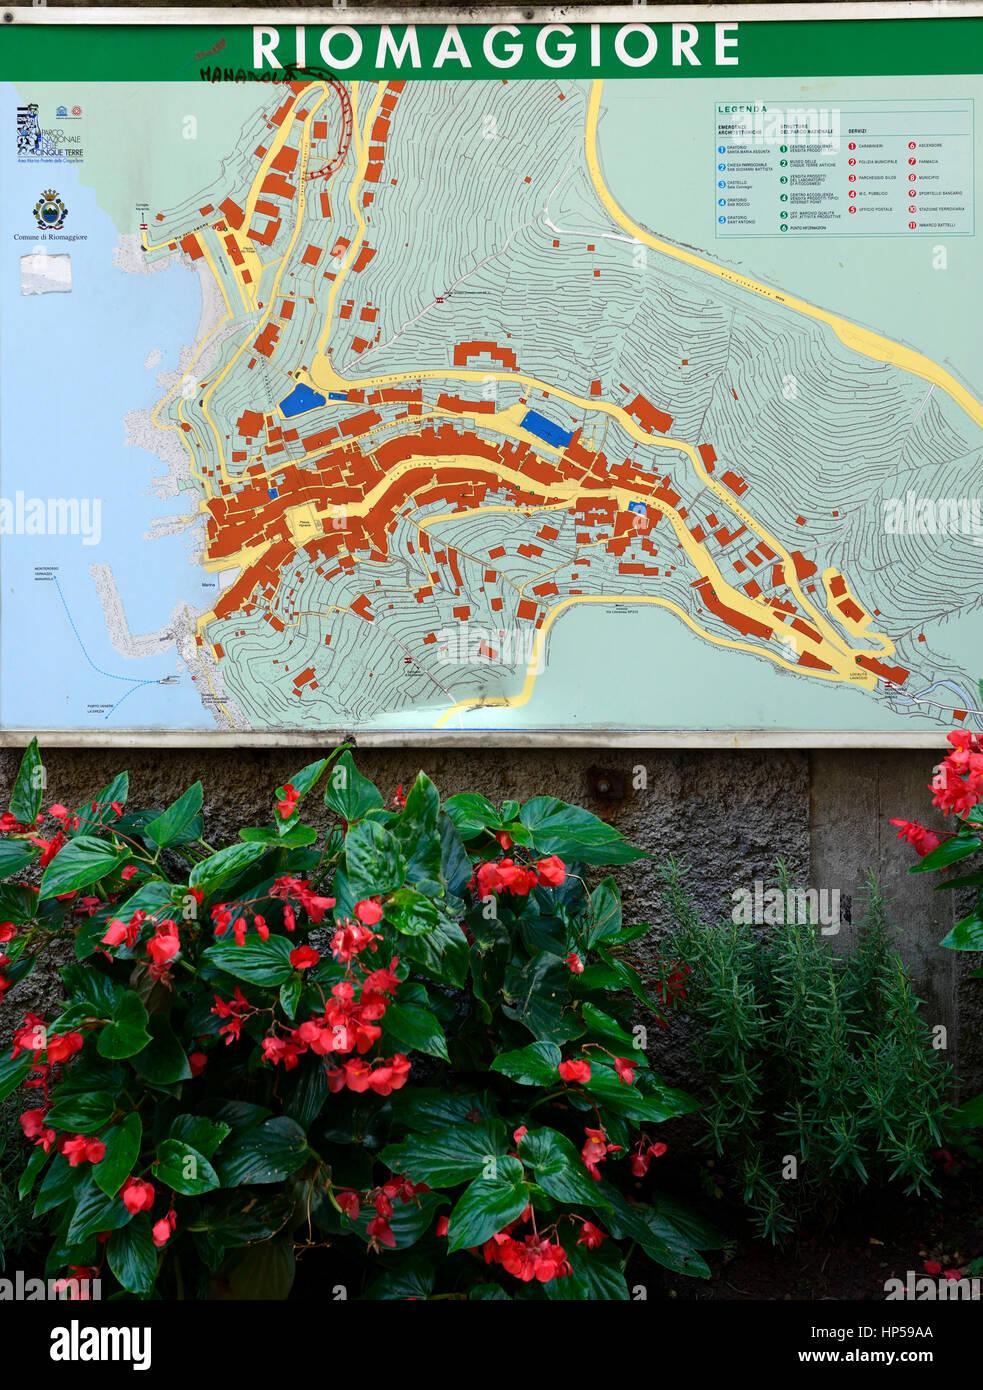 Riomaggiore Italy Map.Riomaggiore Street Map Maps Clifftop Village Riomaggiore Cinque